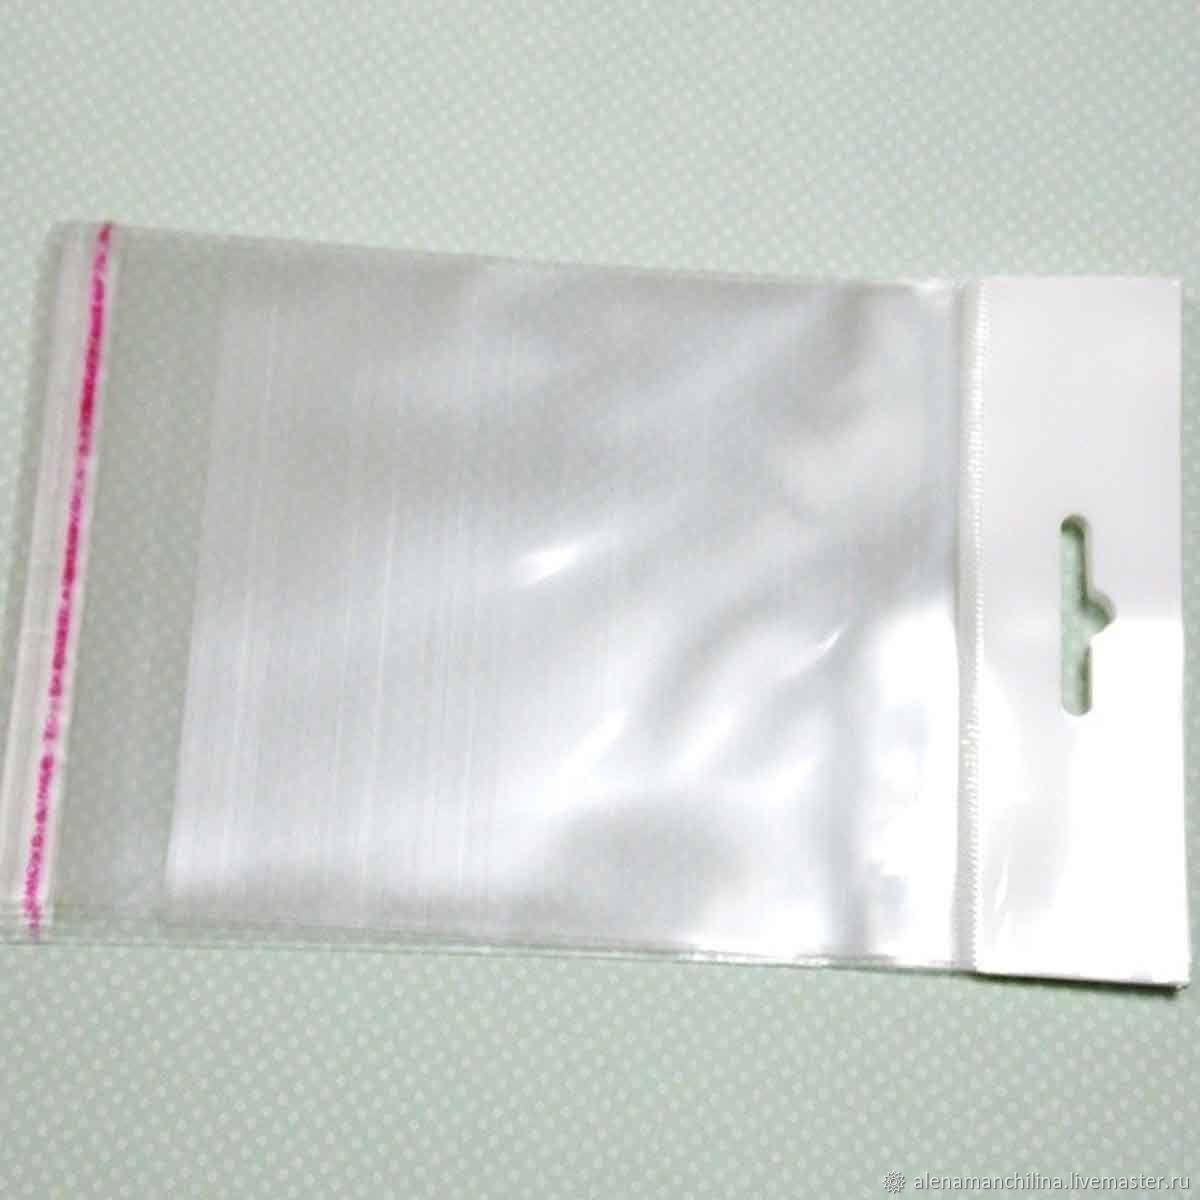 Пакет 14 х 16/24 см. прозрачный с клеевым клапаном усиленным подвесом, Пакеты, Вольск, Фото №1